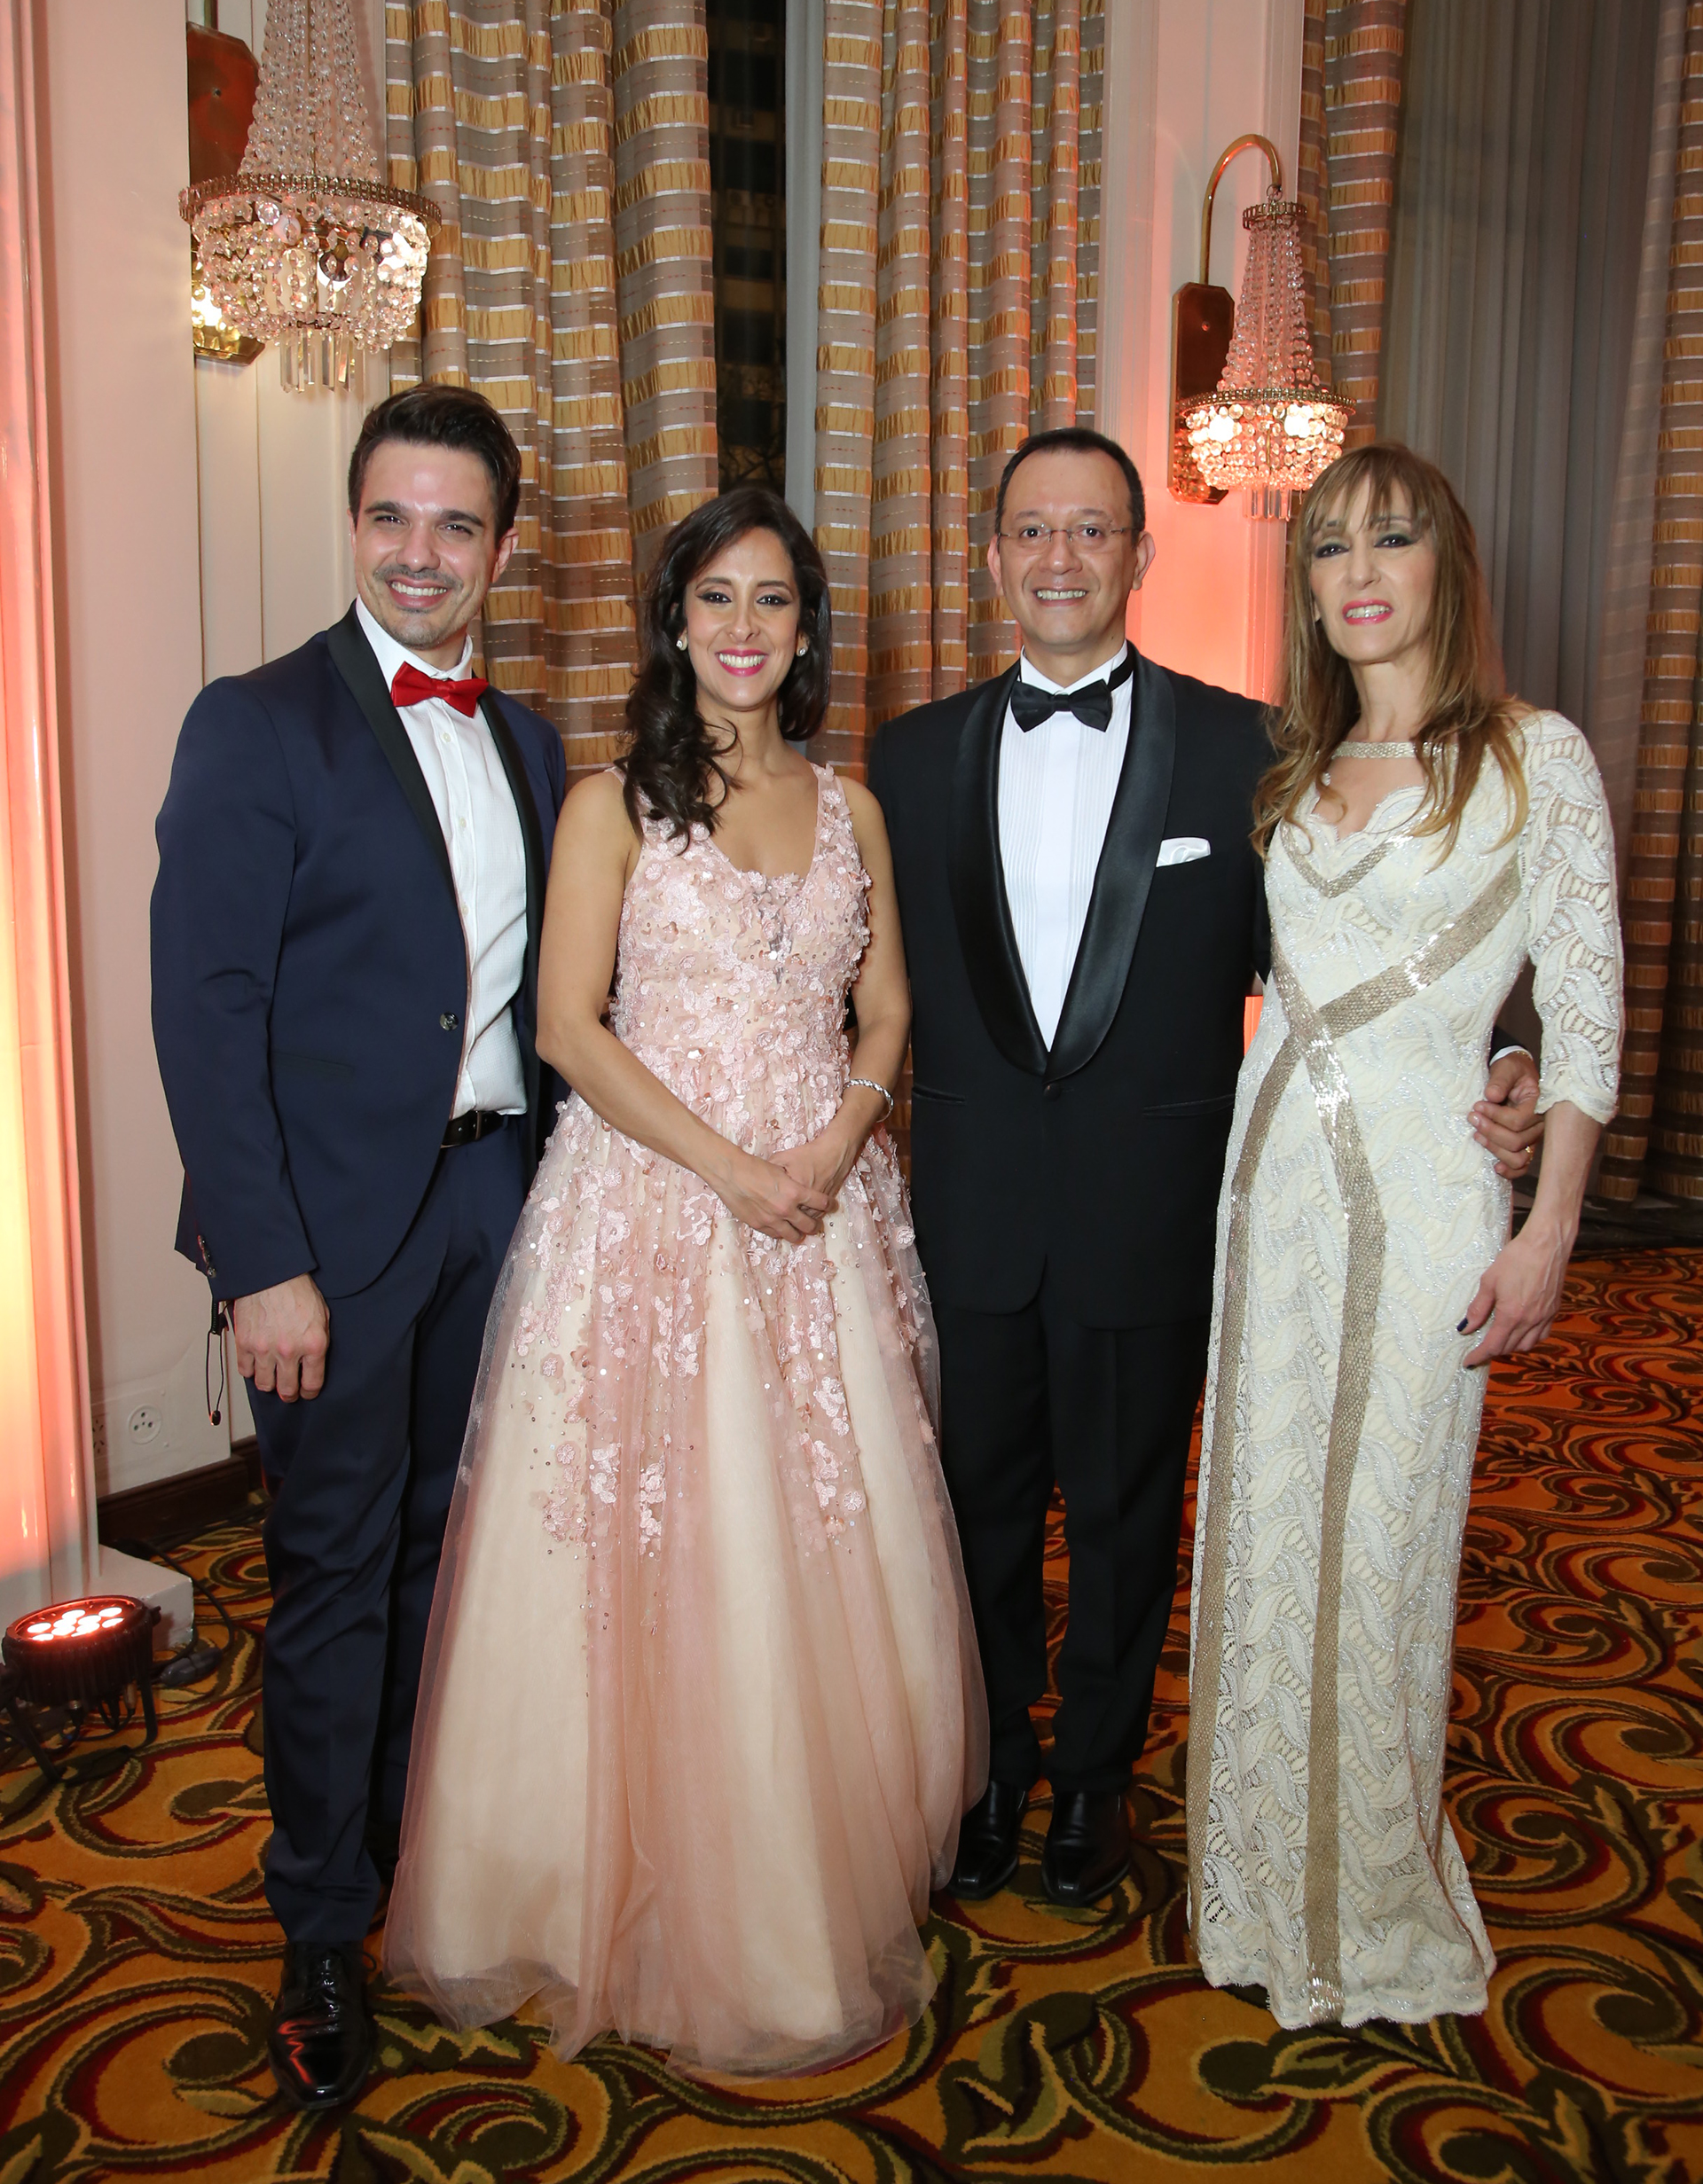 Vanesa de Noble Herrera junto a su equipo: Alejandro Viñas, Daniel Martínez y Patricia Defranceschi Sadi